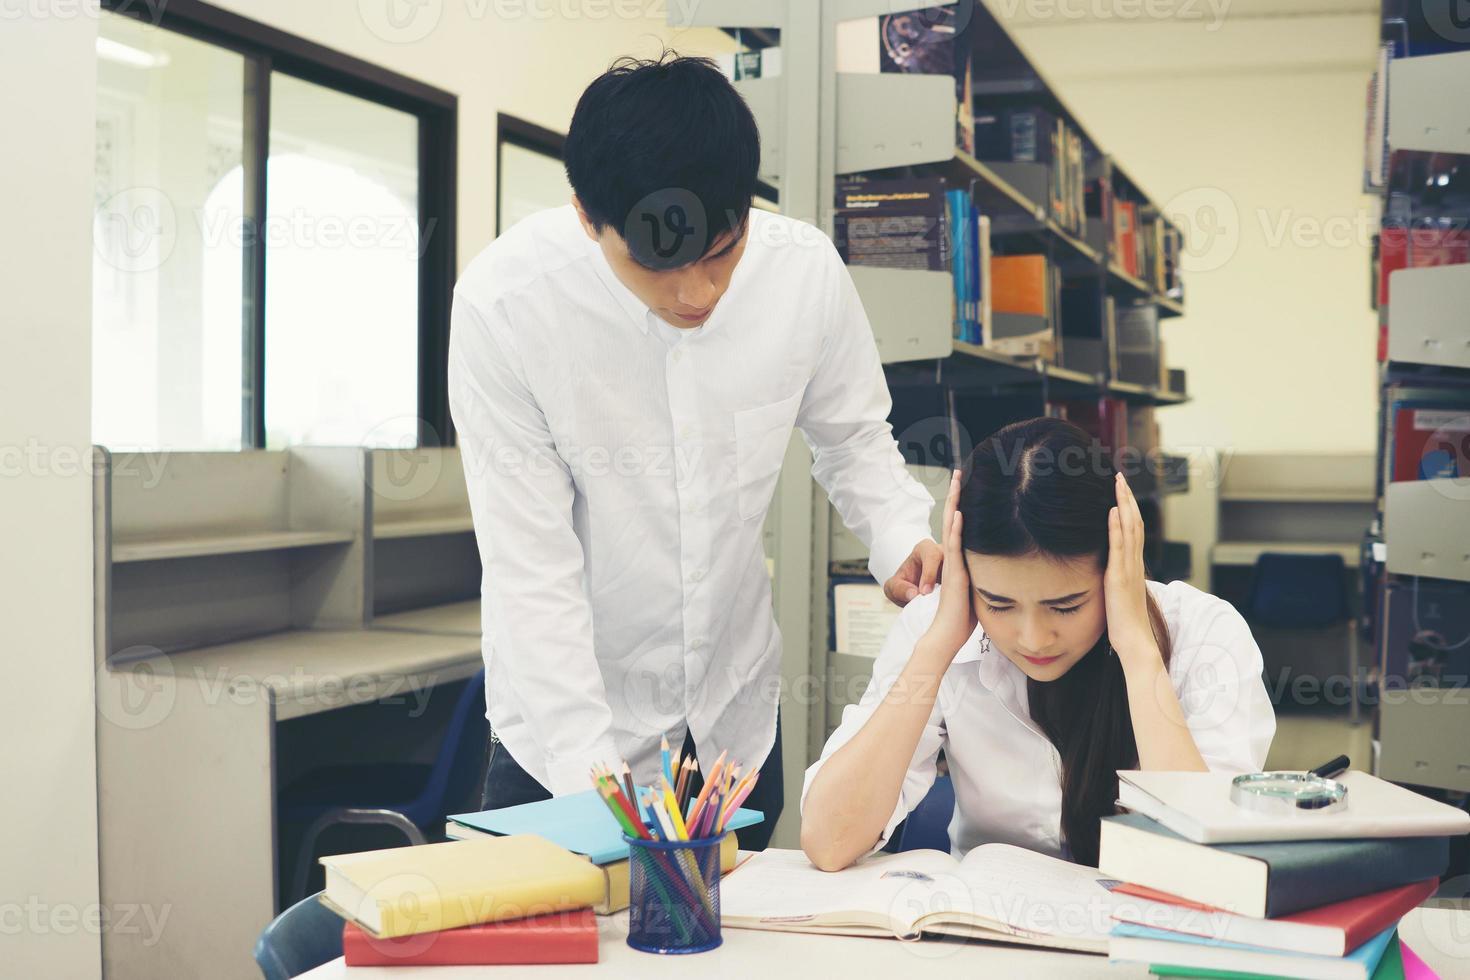 portret van de student haar hoofd aan te raken tijdens het lezen van een boek in de universiteitsbibliotheek foto